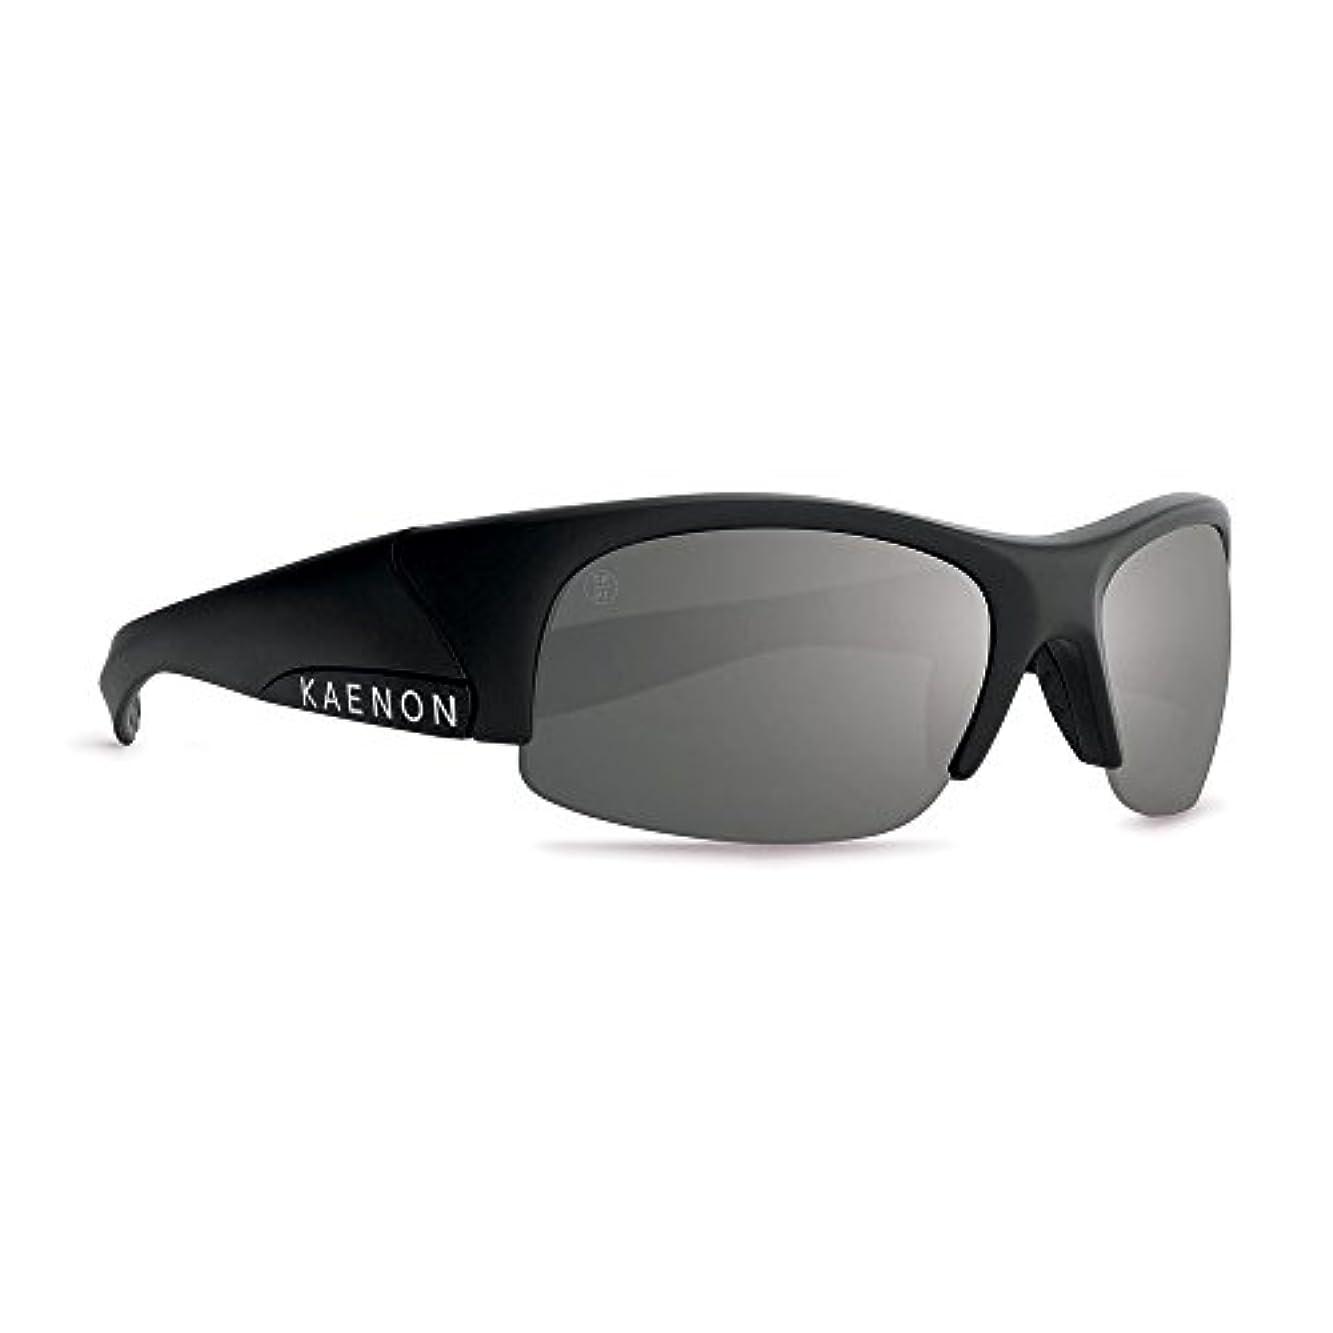 繁栄フレームワーク任命する【KAENON/ケーノン】HARD KORE ハードコア 大人用 偏光レンズ 偏光サングラス スポーツサングラス